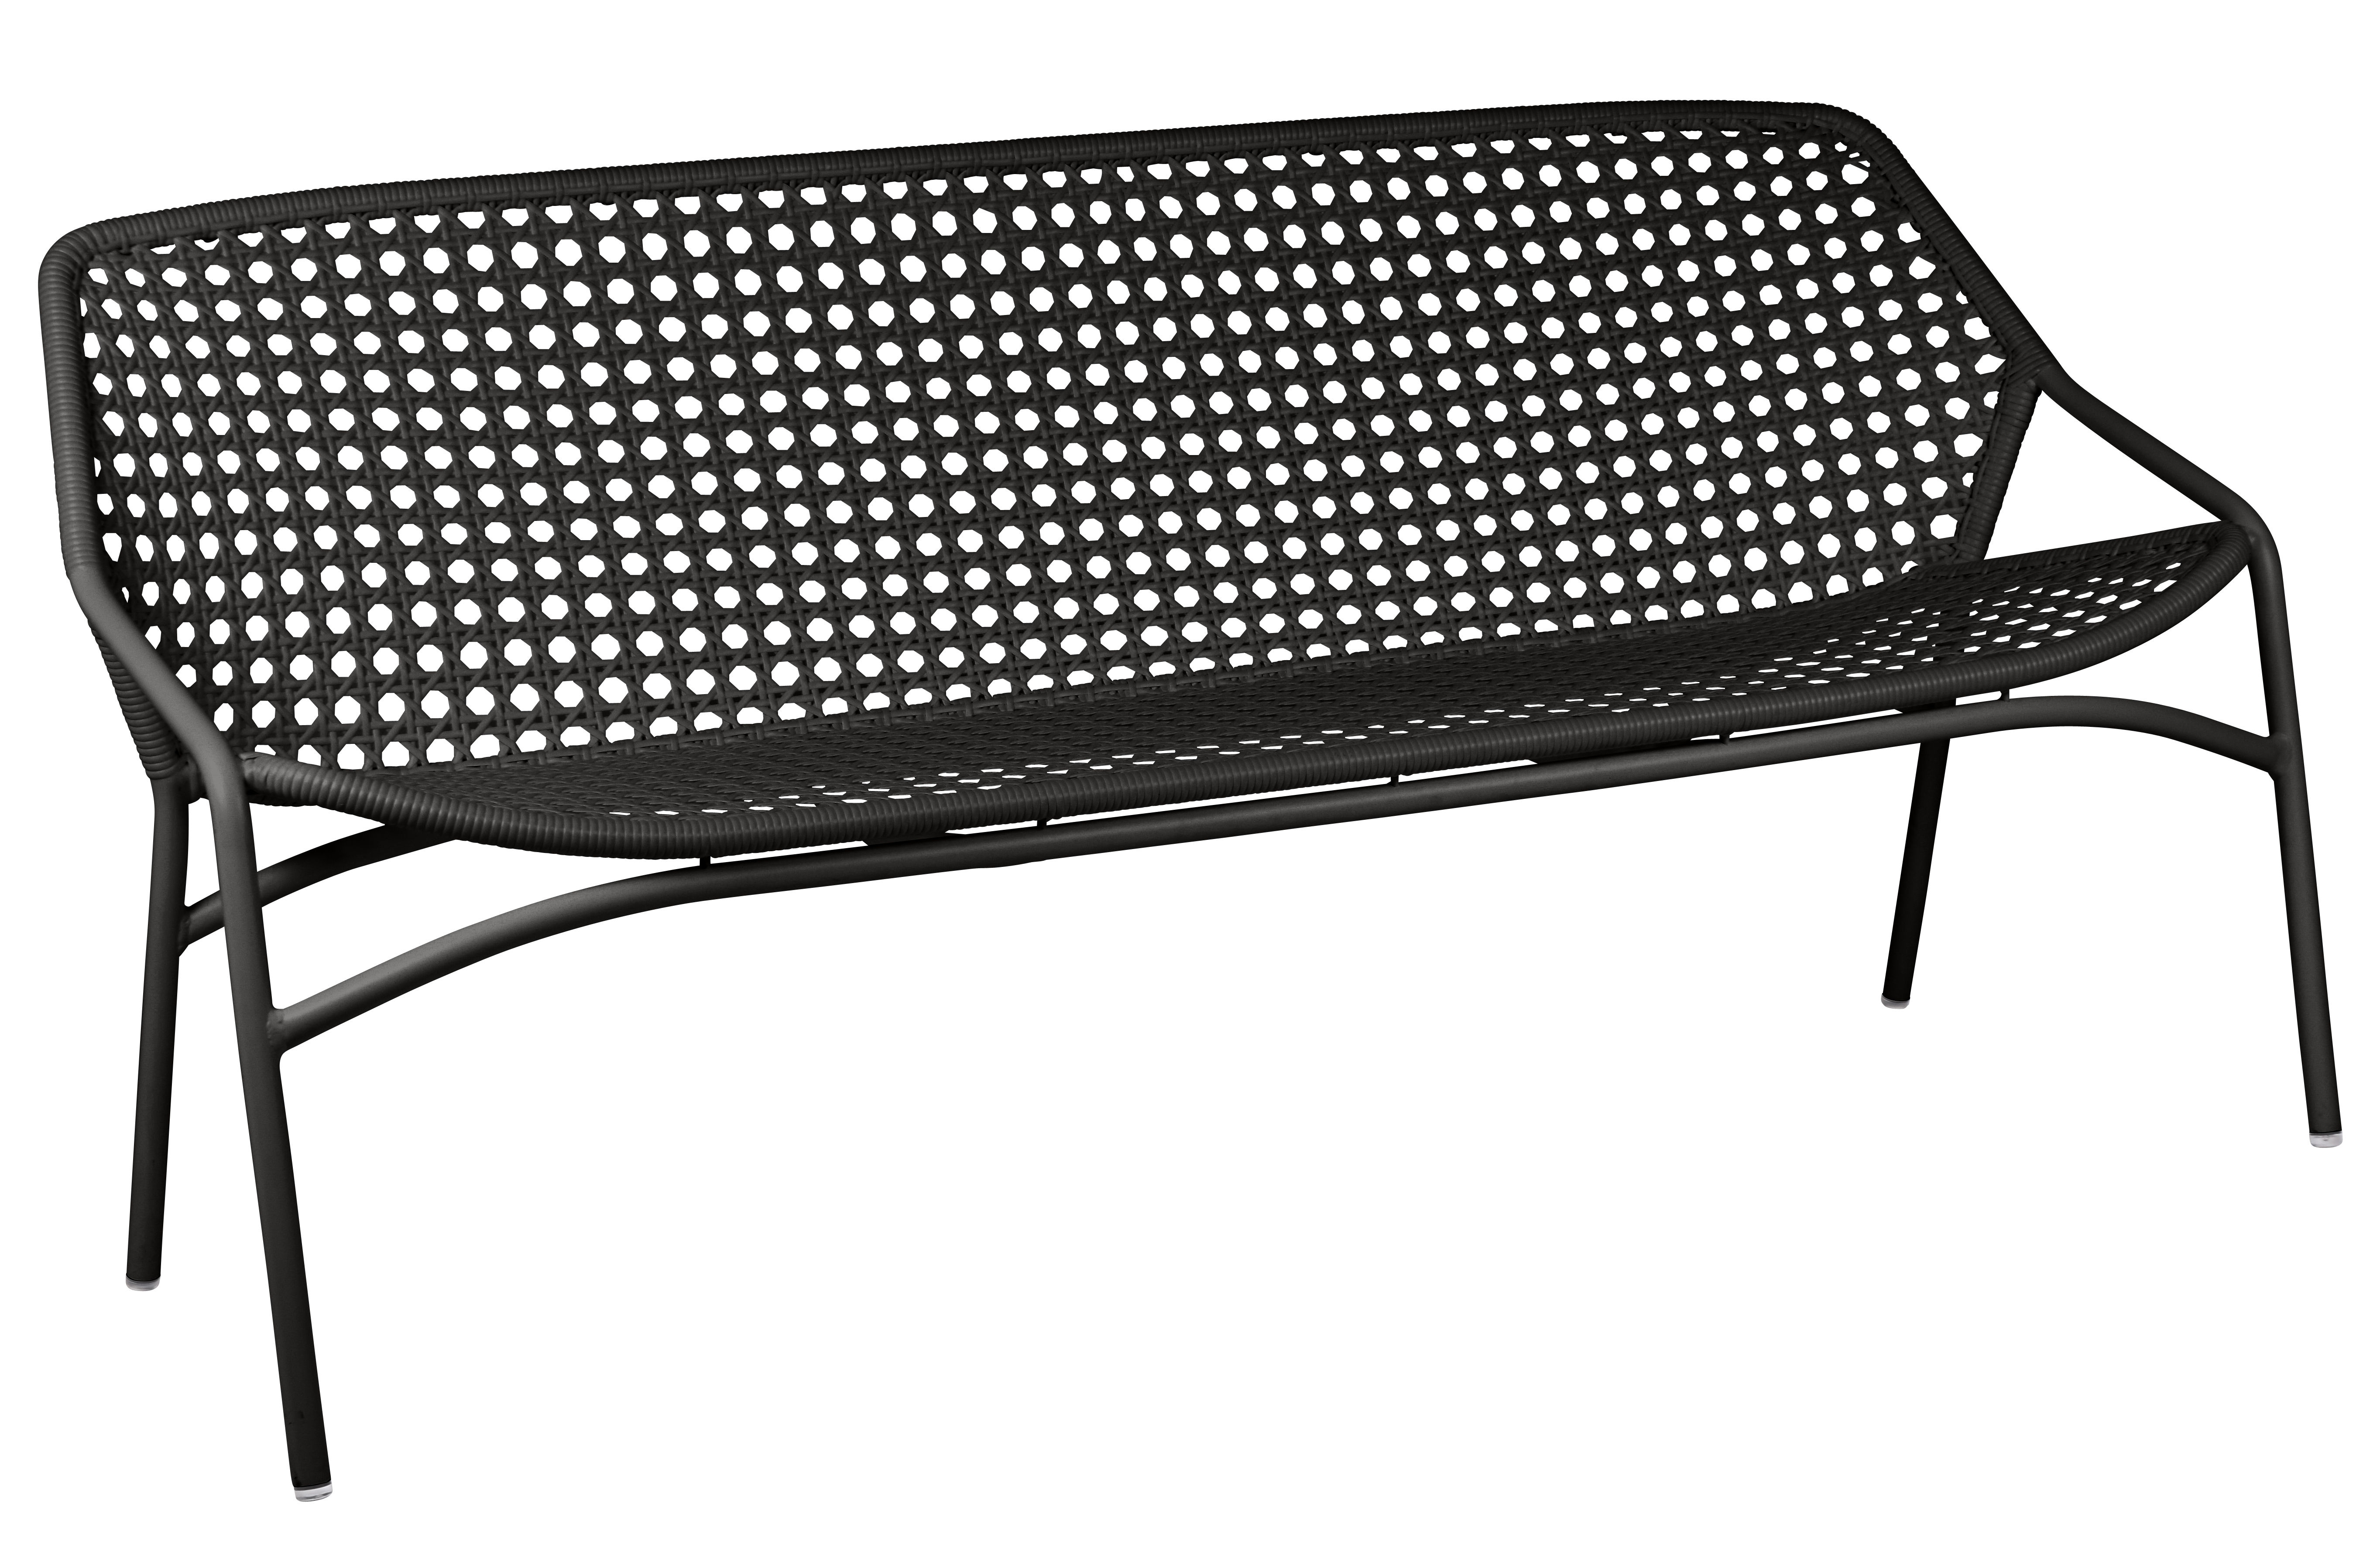 Outdoor - Canapés - Canapé droit Croisette XL 3 places / L 177 cm - Plastique tressé - Fermob - Réglisse -   Fibres synthétiques, Aluminium